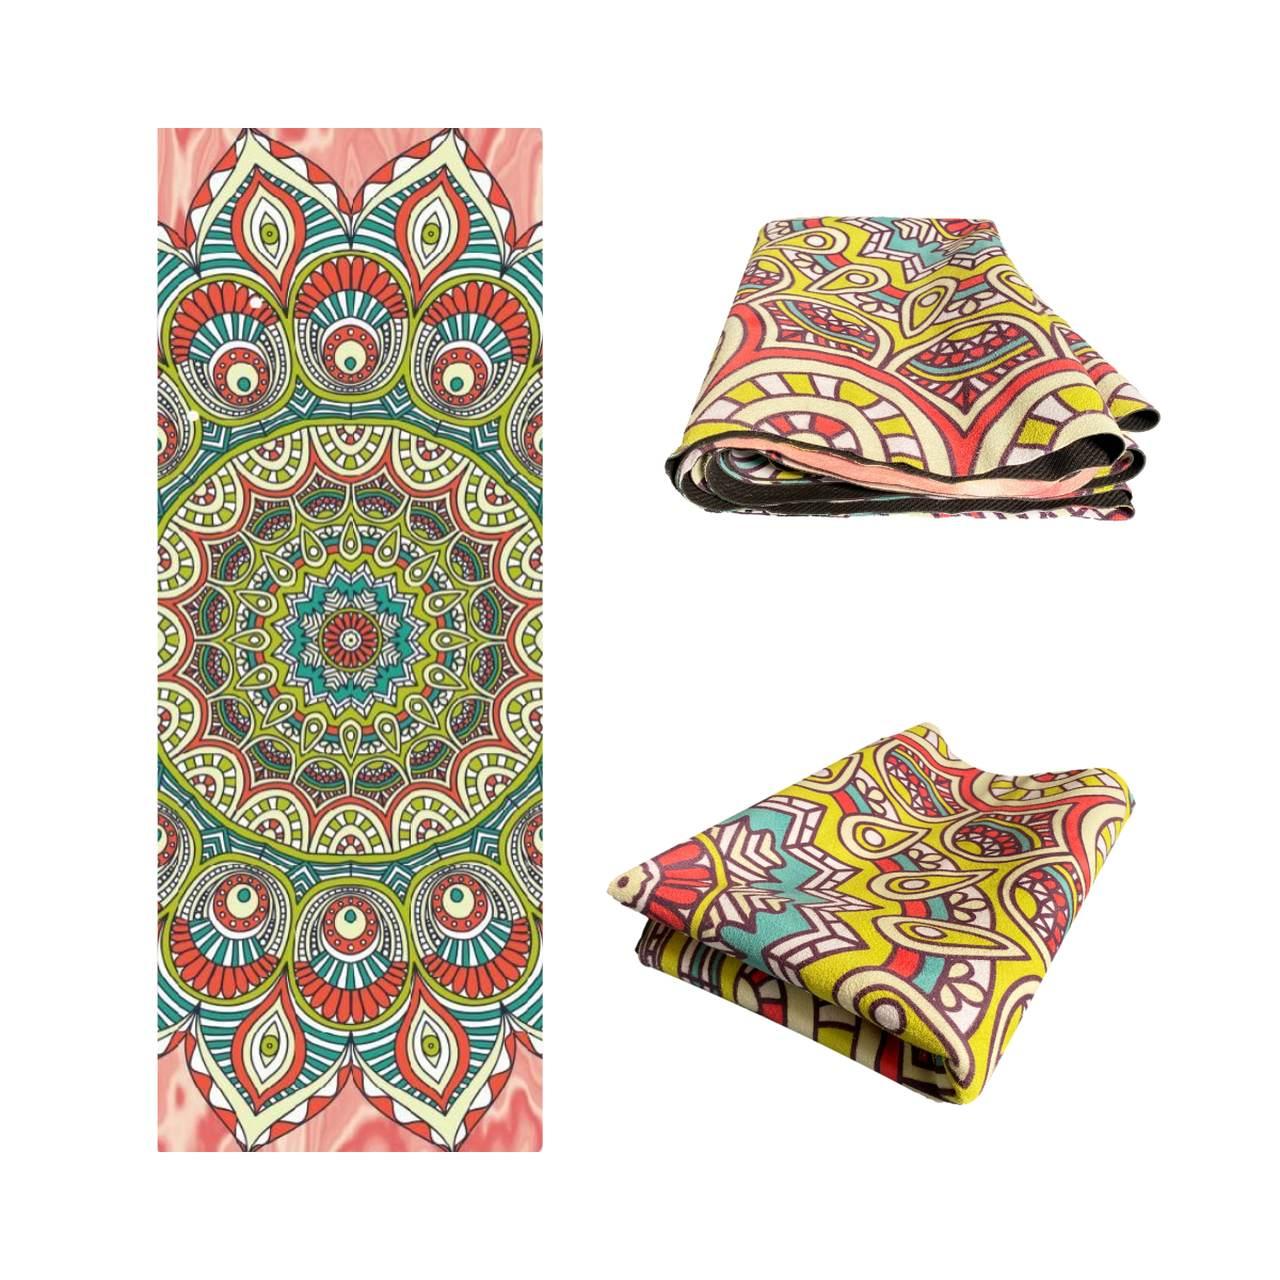 Tapete de Yoga Dobrável para Viagem Aveludado com Borracha Natural 1,5mm - Mandala Vibrações